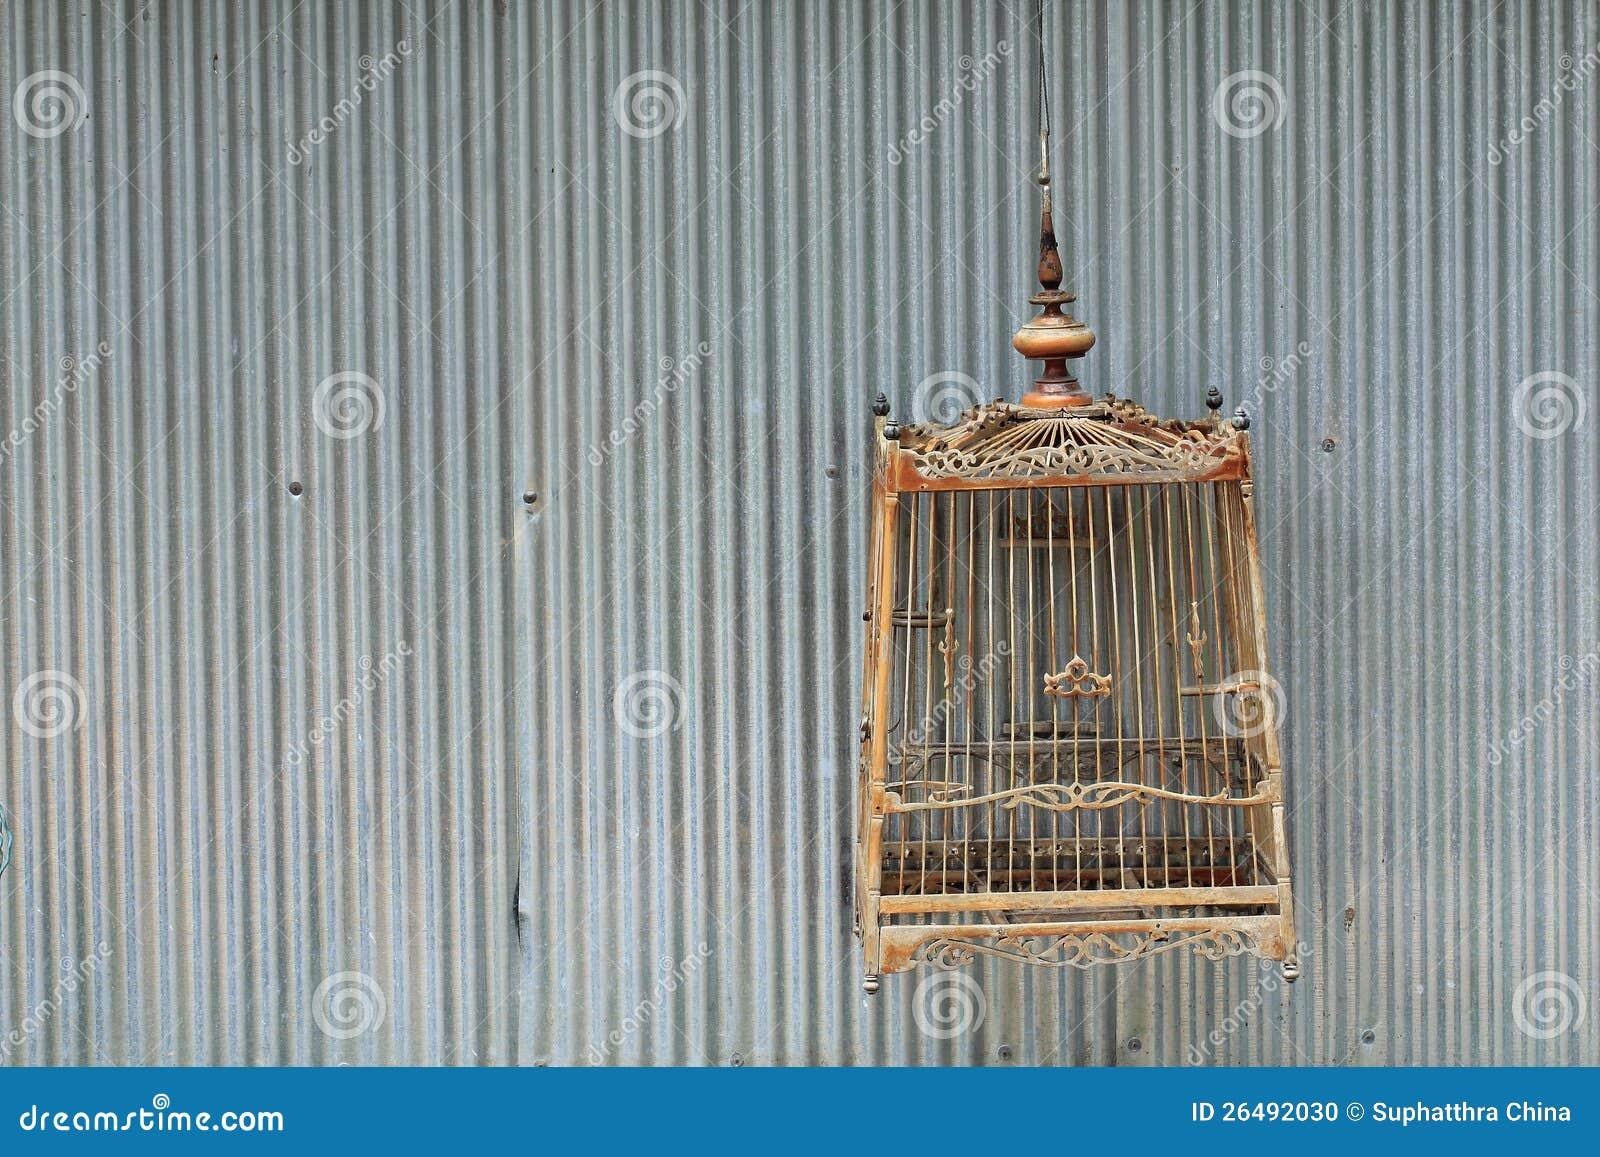 Vogelkooi In Huis : Vogelkooien vintage etsy nl